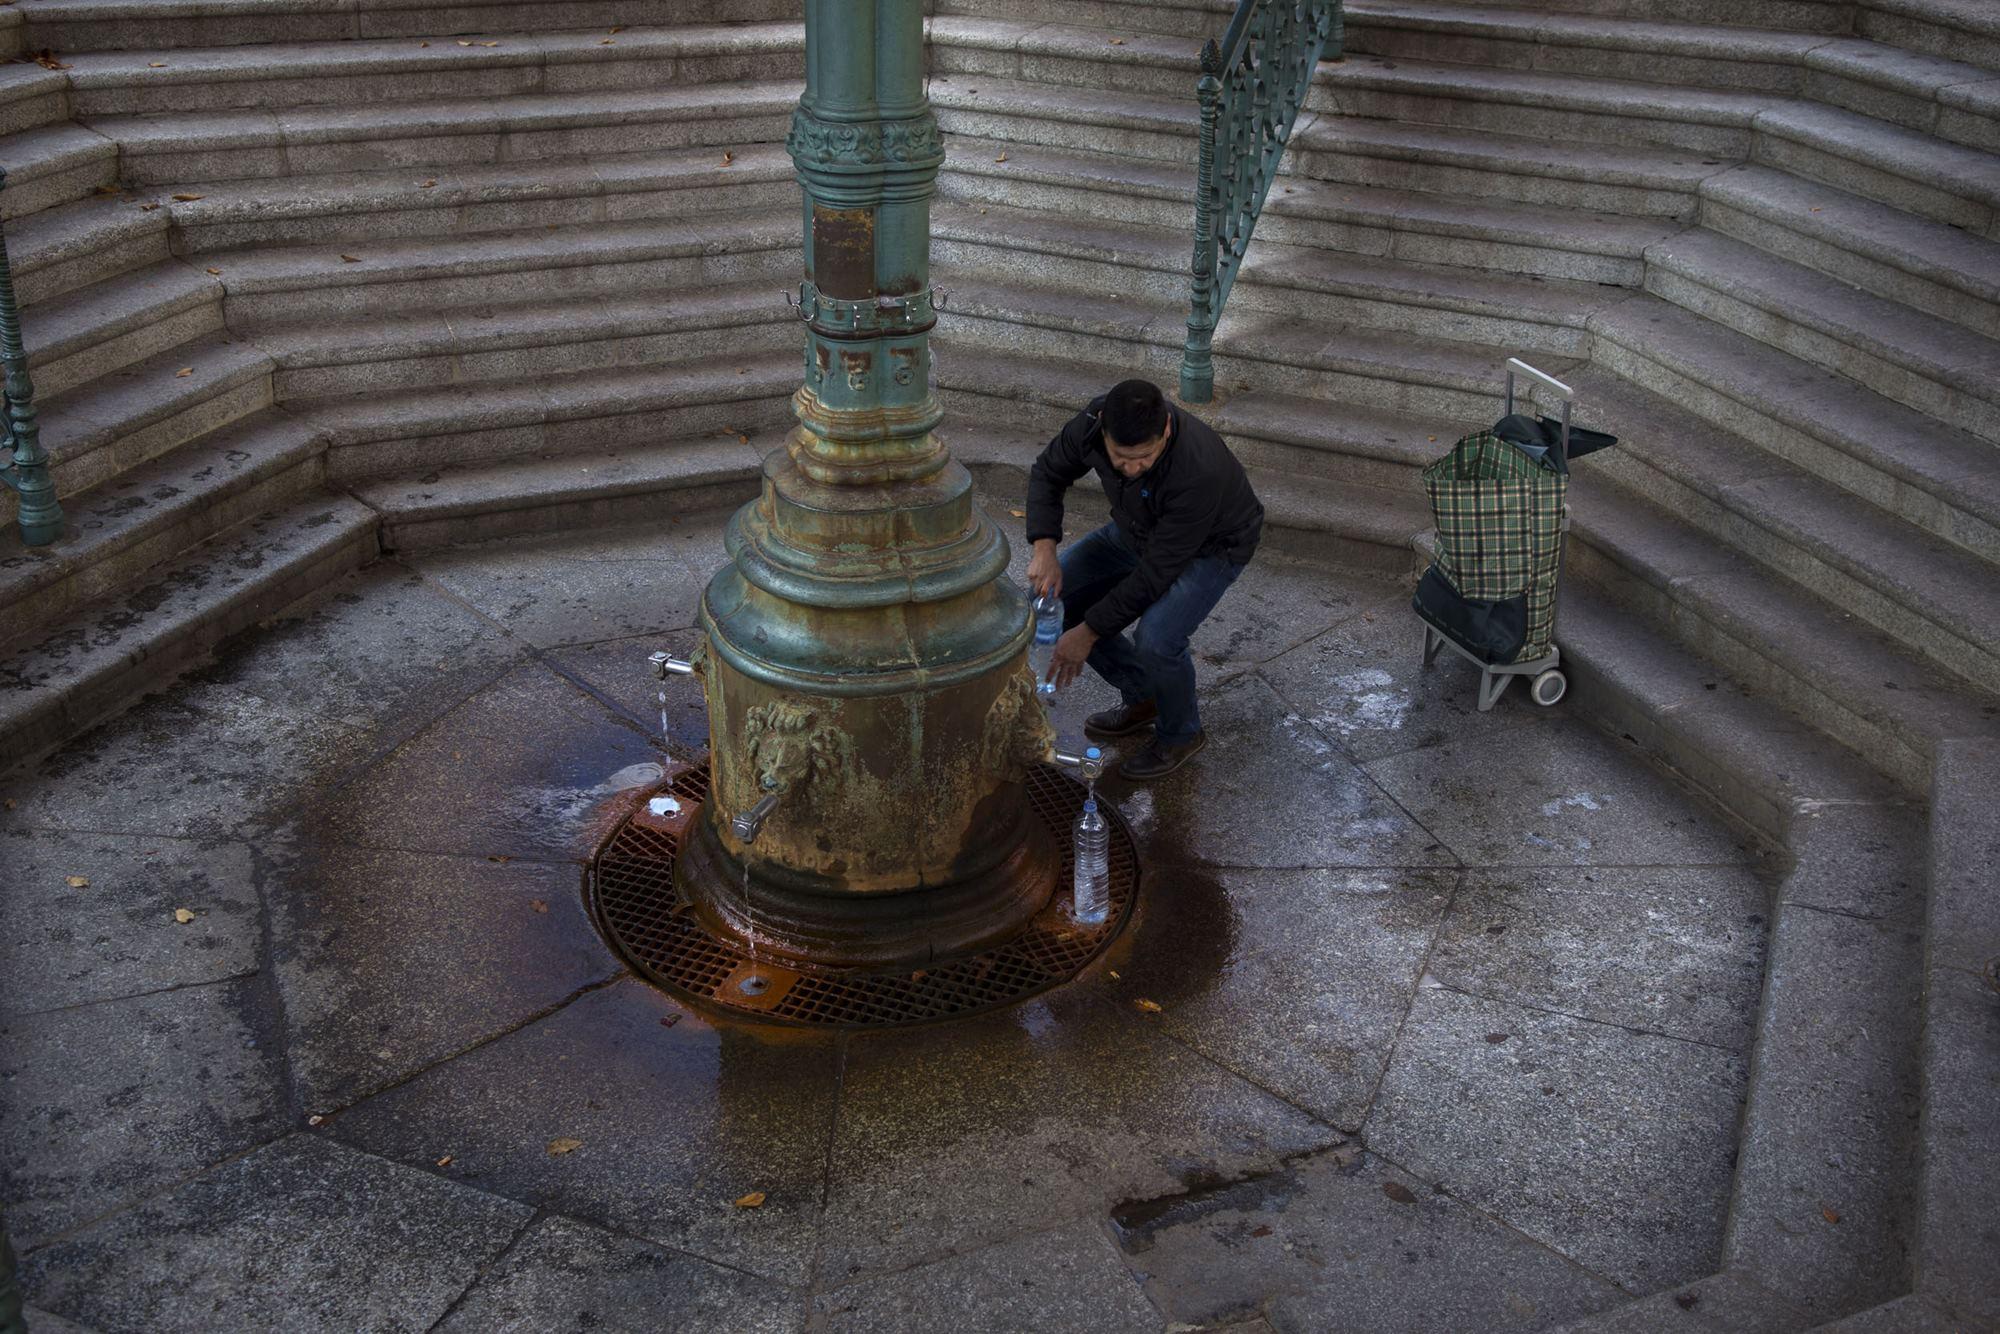 La fuente del pueblo de la fotógrafa, célebre por las supuestas capacidades curativas de sus aguas.